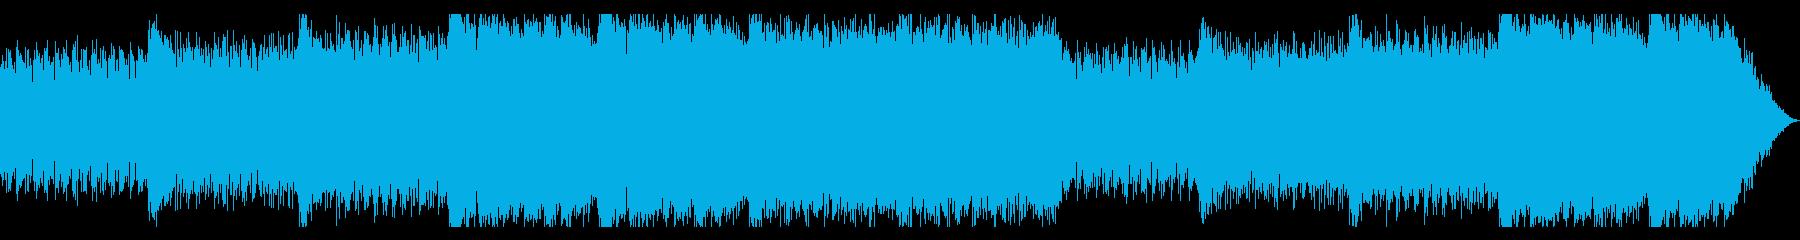 新しい朝を感じるBGMの再生済みの波形